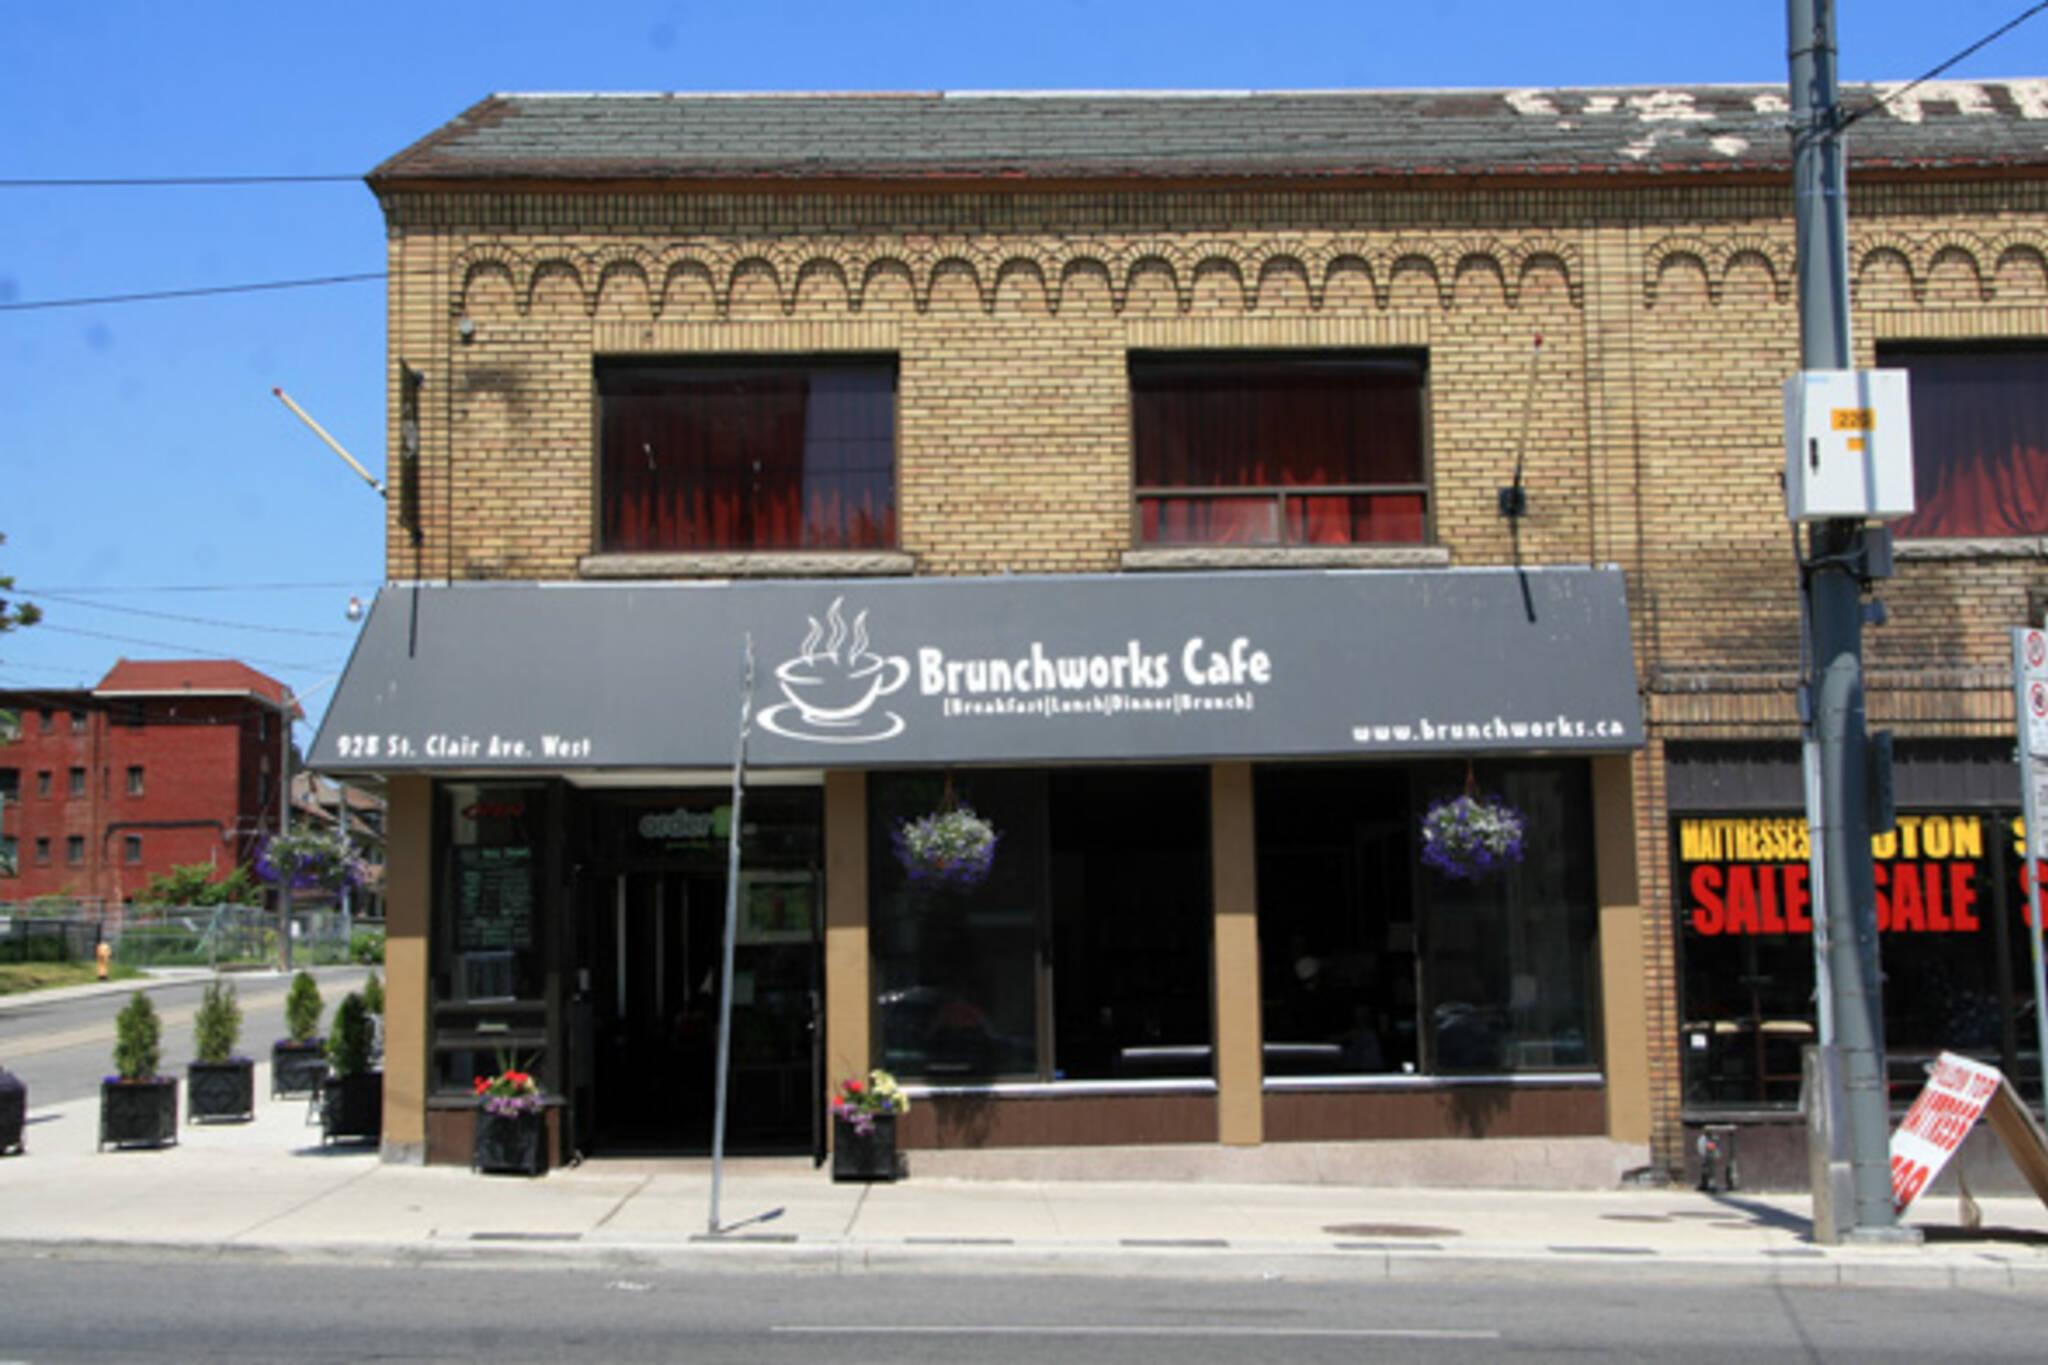 Brunchworks Cafe